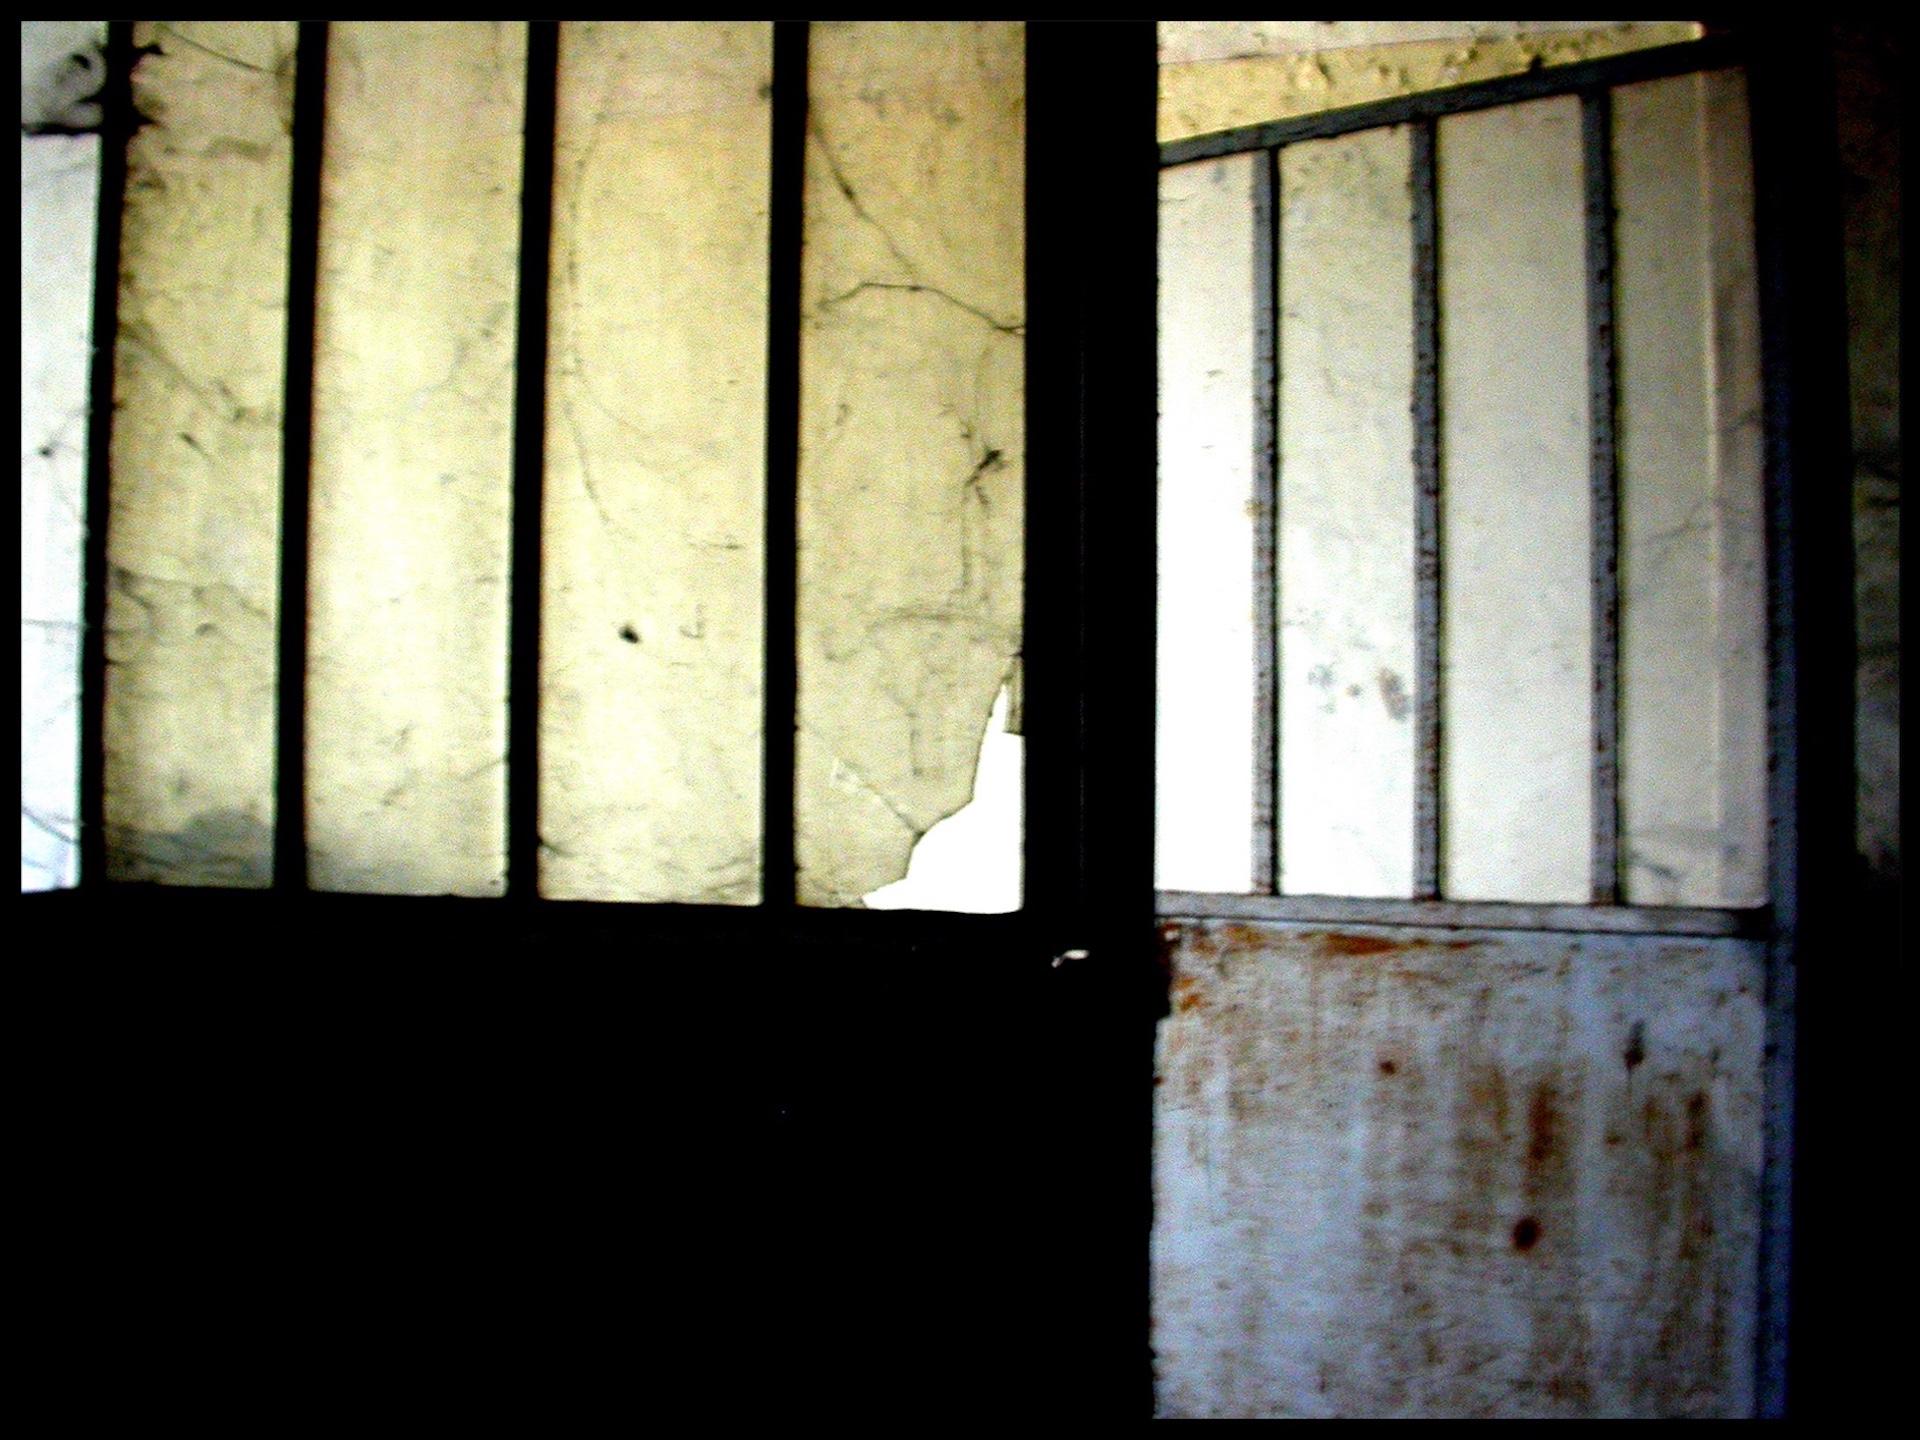 WORK 6 cadre - Blandine Armand - série photos